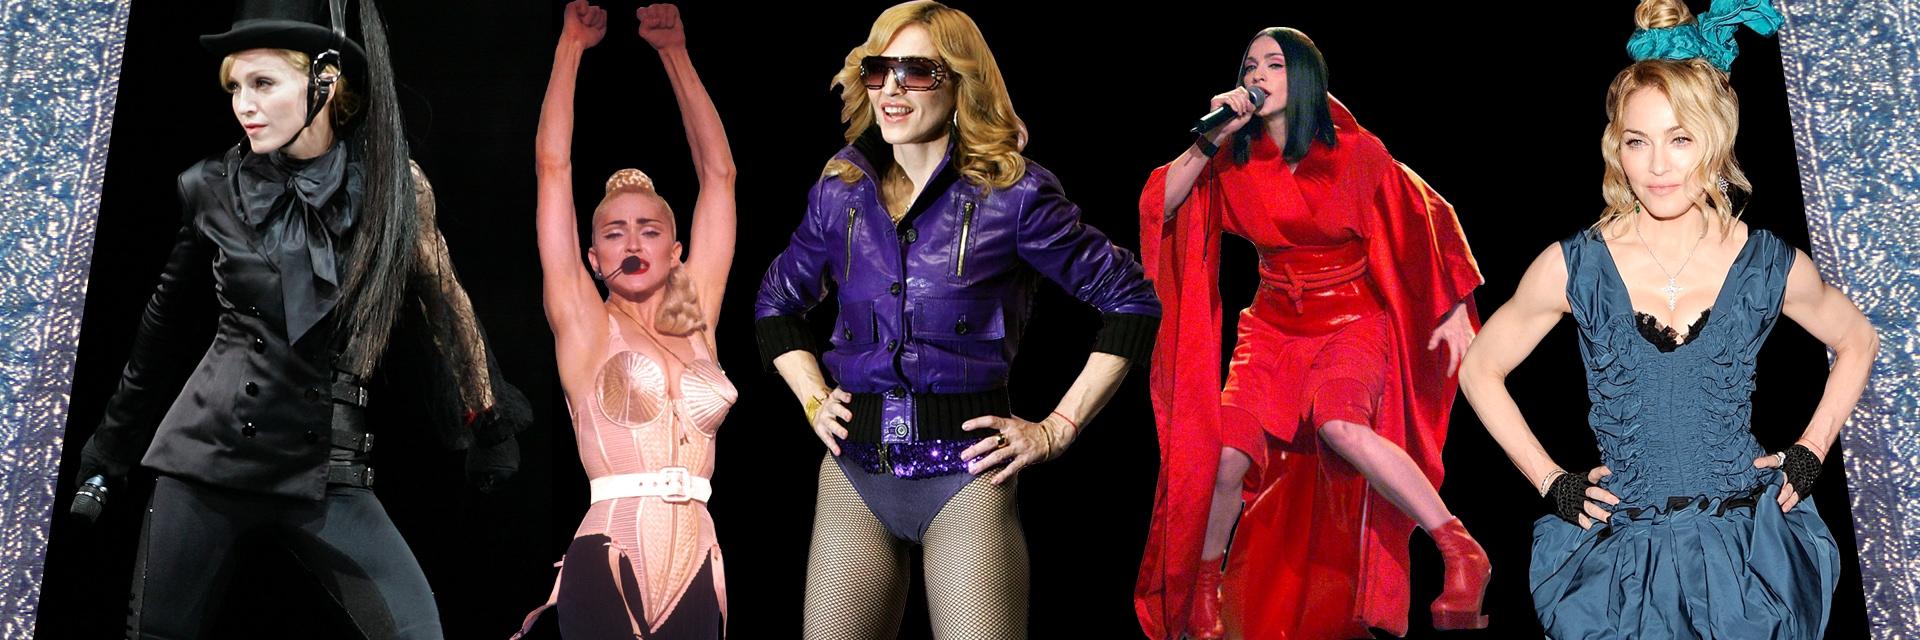 Madonna: più di venti look per celebrare il suo stile